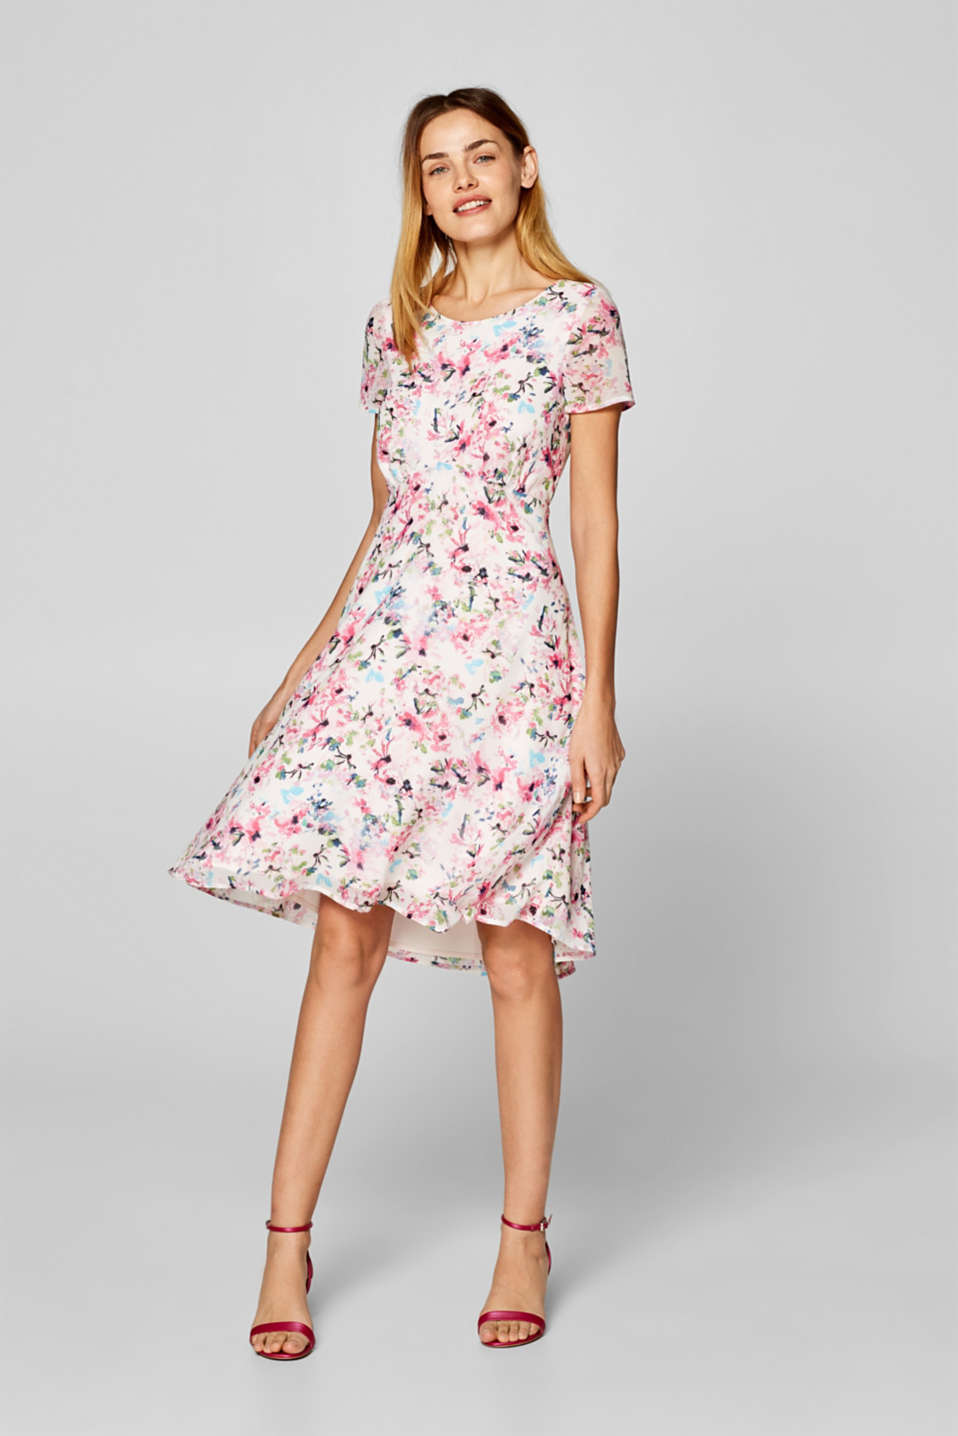 701504797f66 Esprit - Blomstret kjole med vidde i nederdelen i Esprits Online-Shop